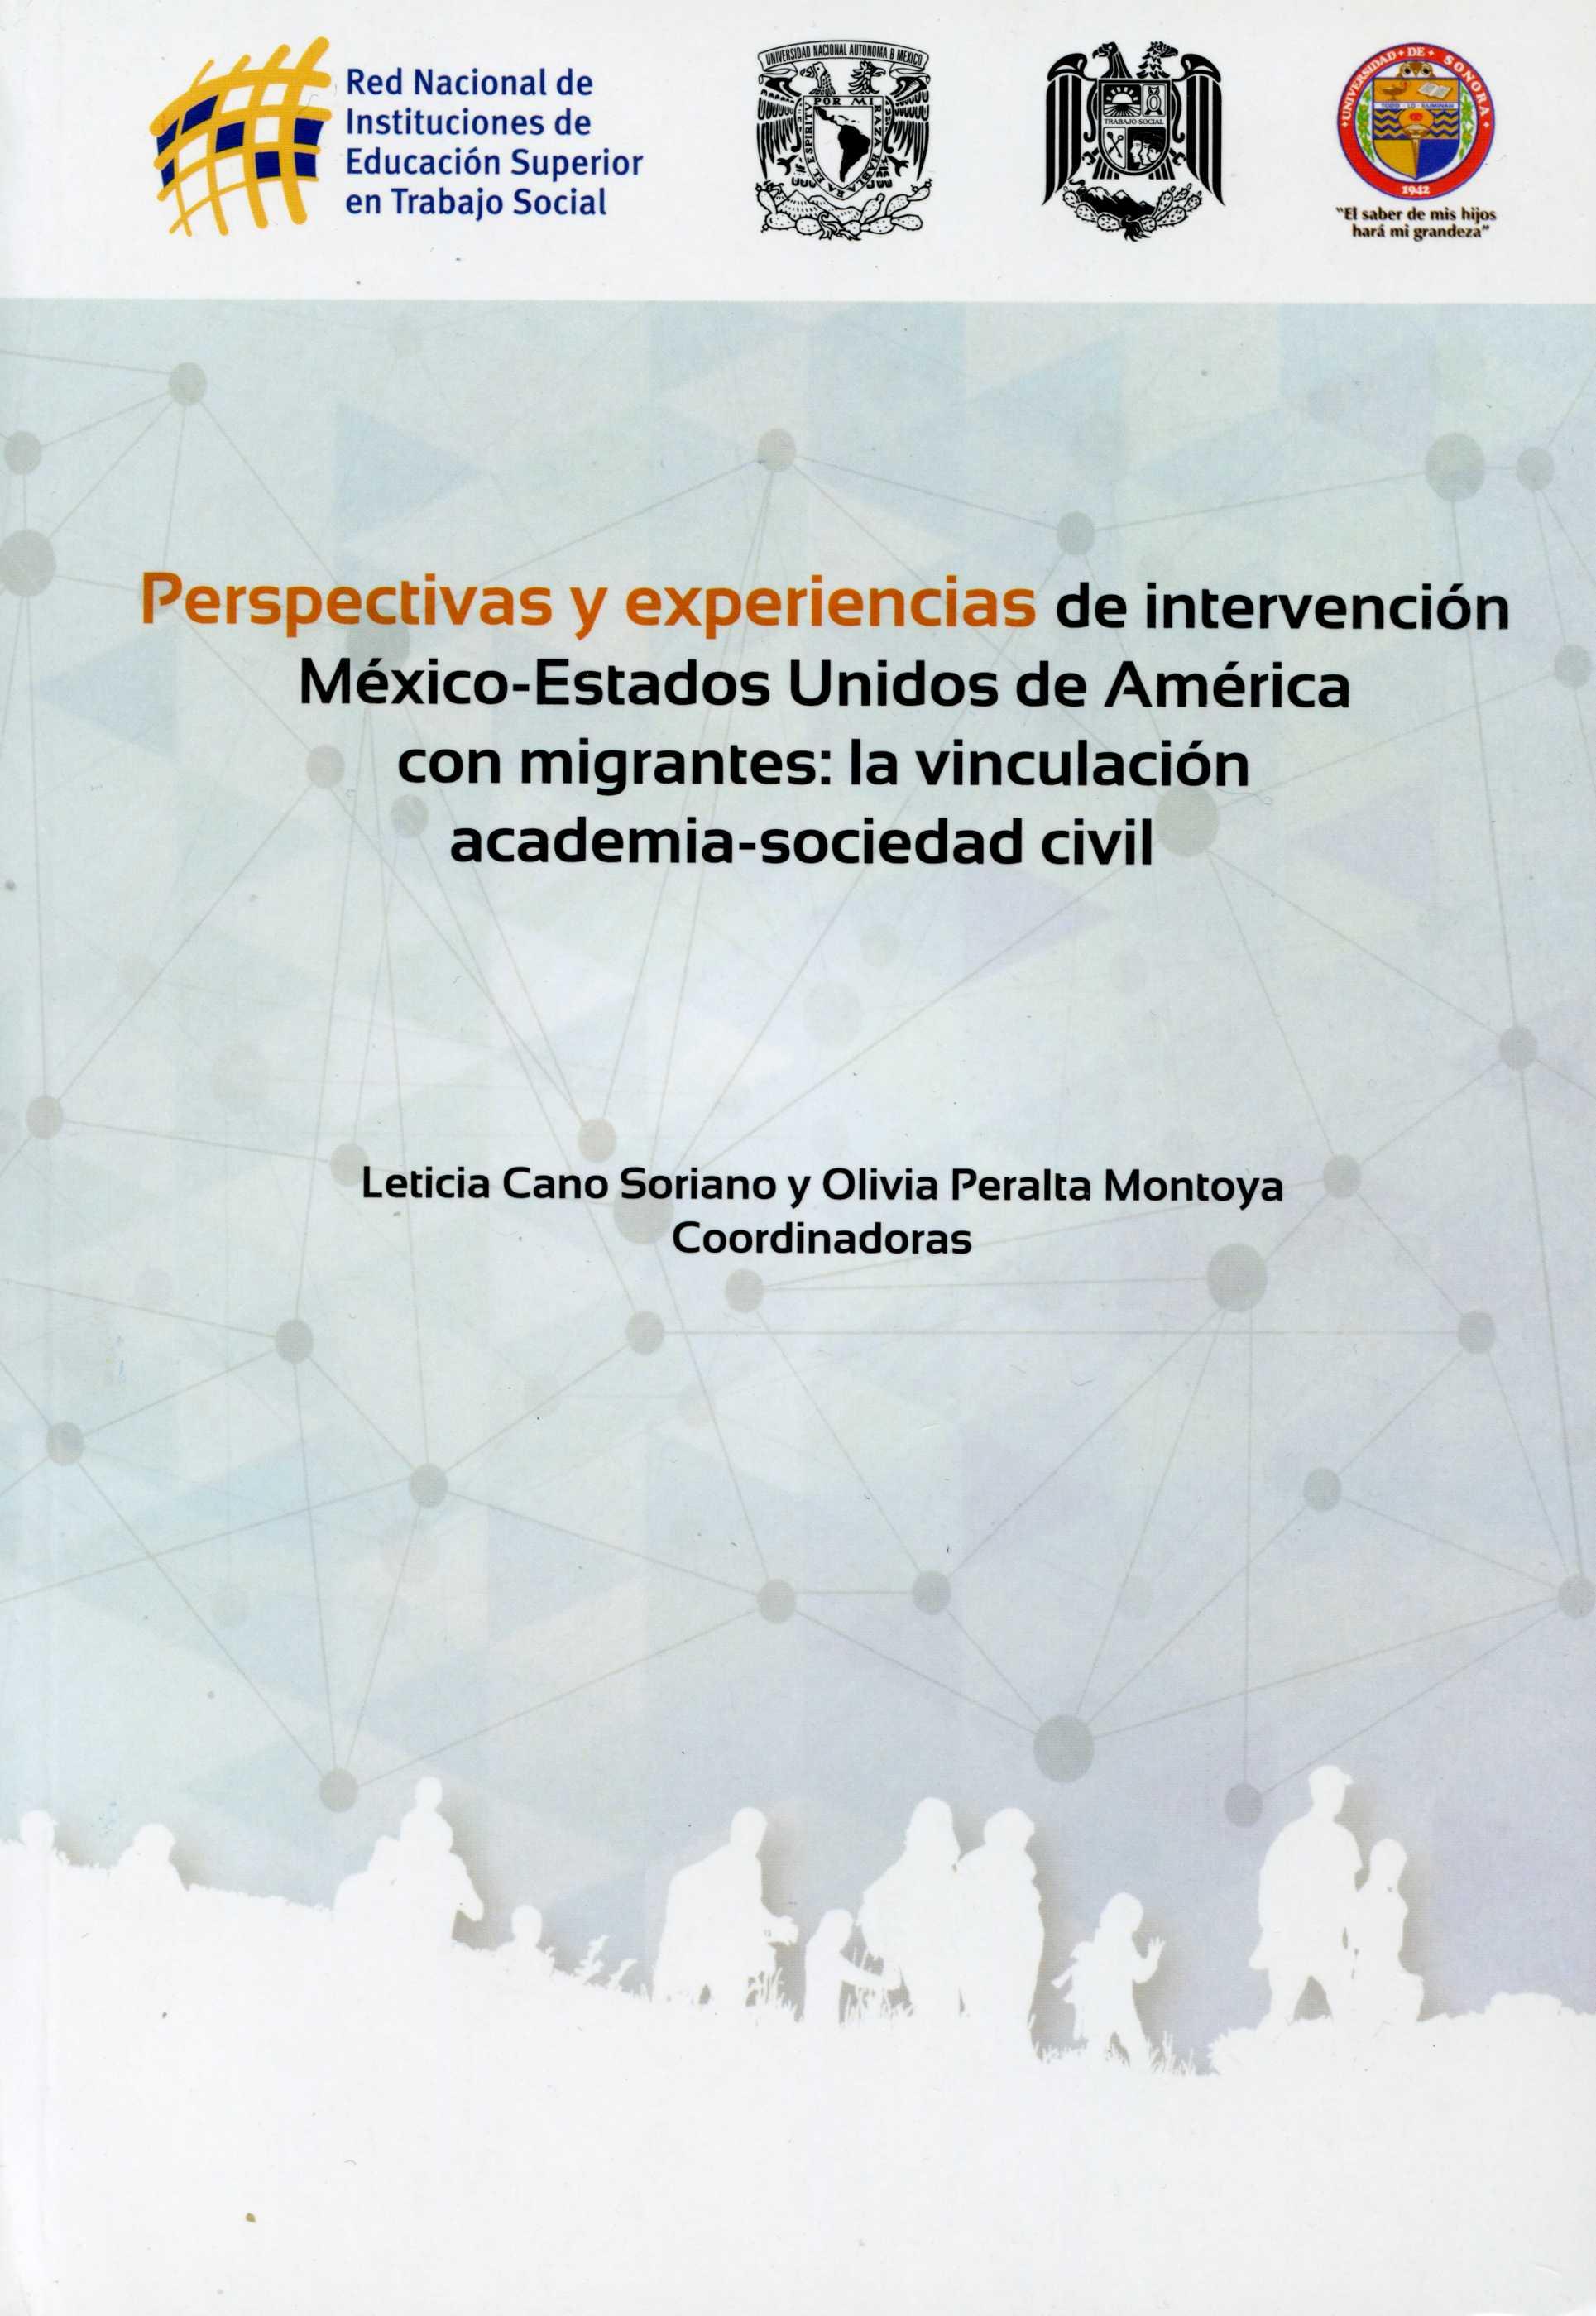 Perspectivas y experiencias de intervención México-Estados Unidos de América con migrantes: